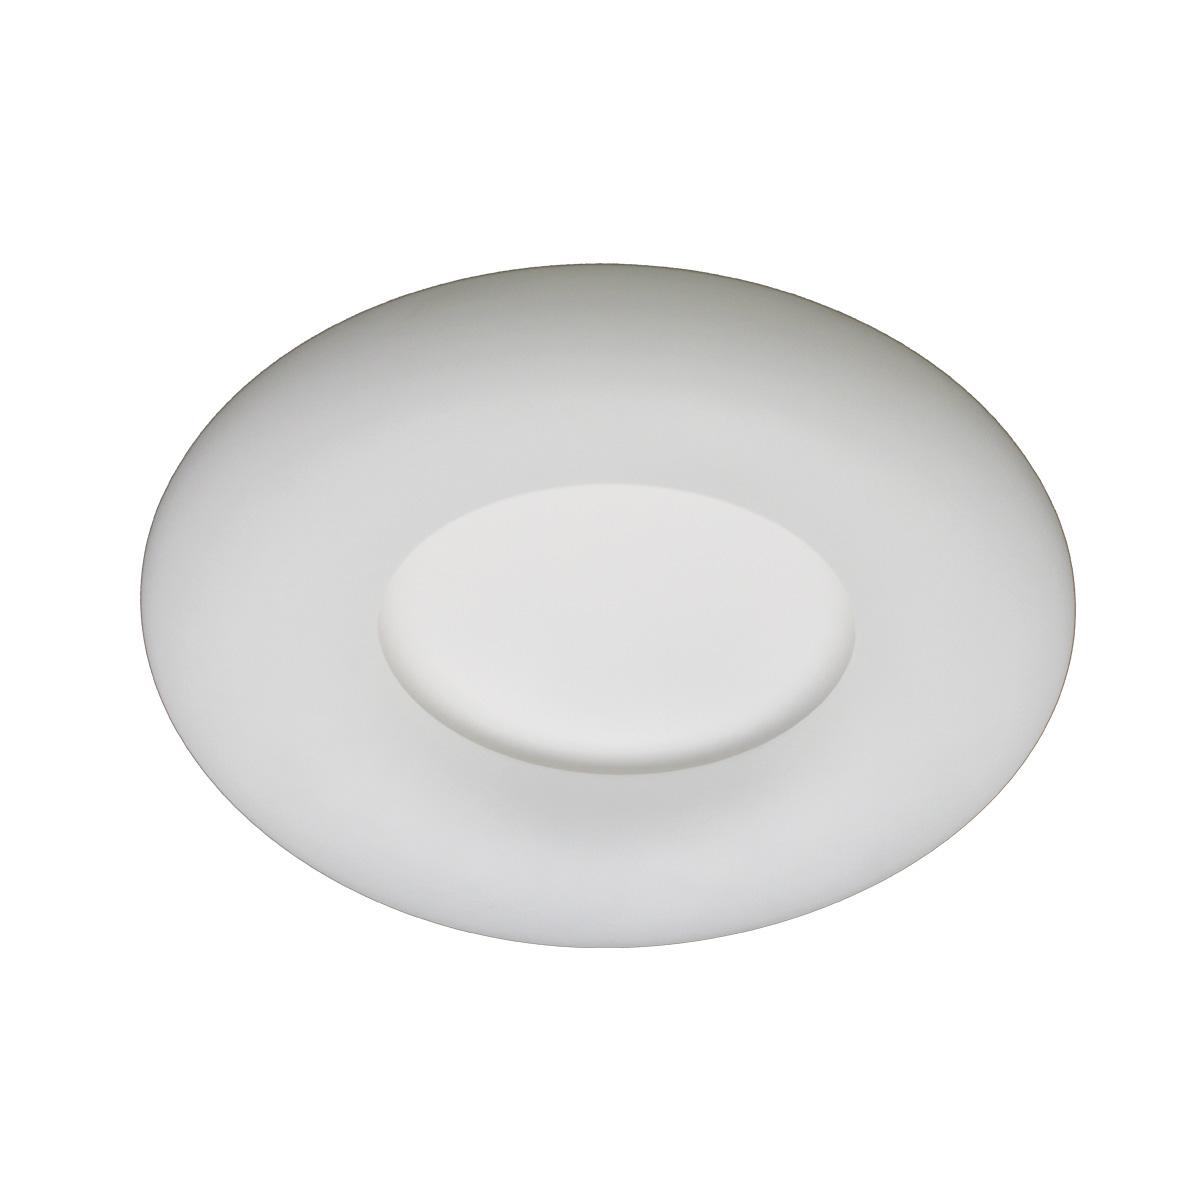 LED plafonjera 1.0006-P450